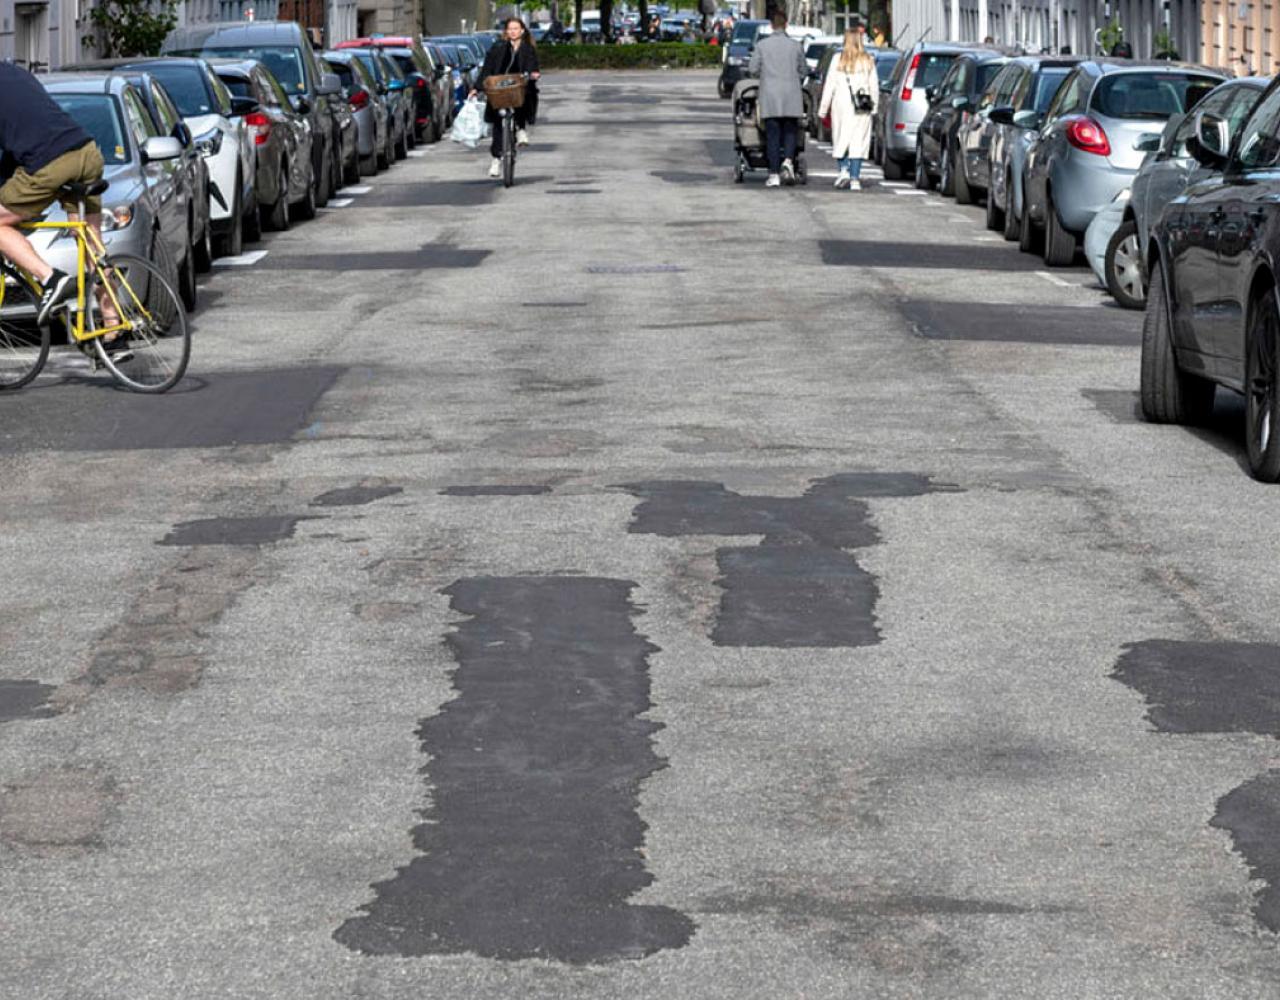 Viborggade asfalt østerbro